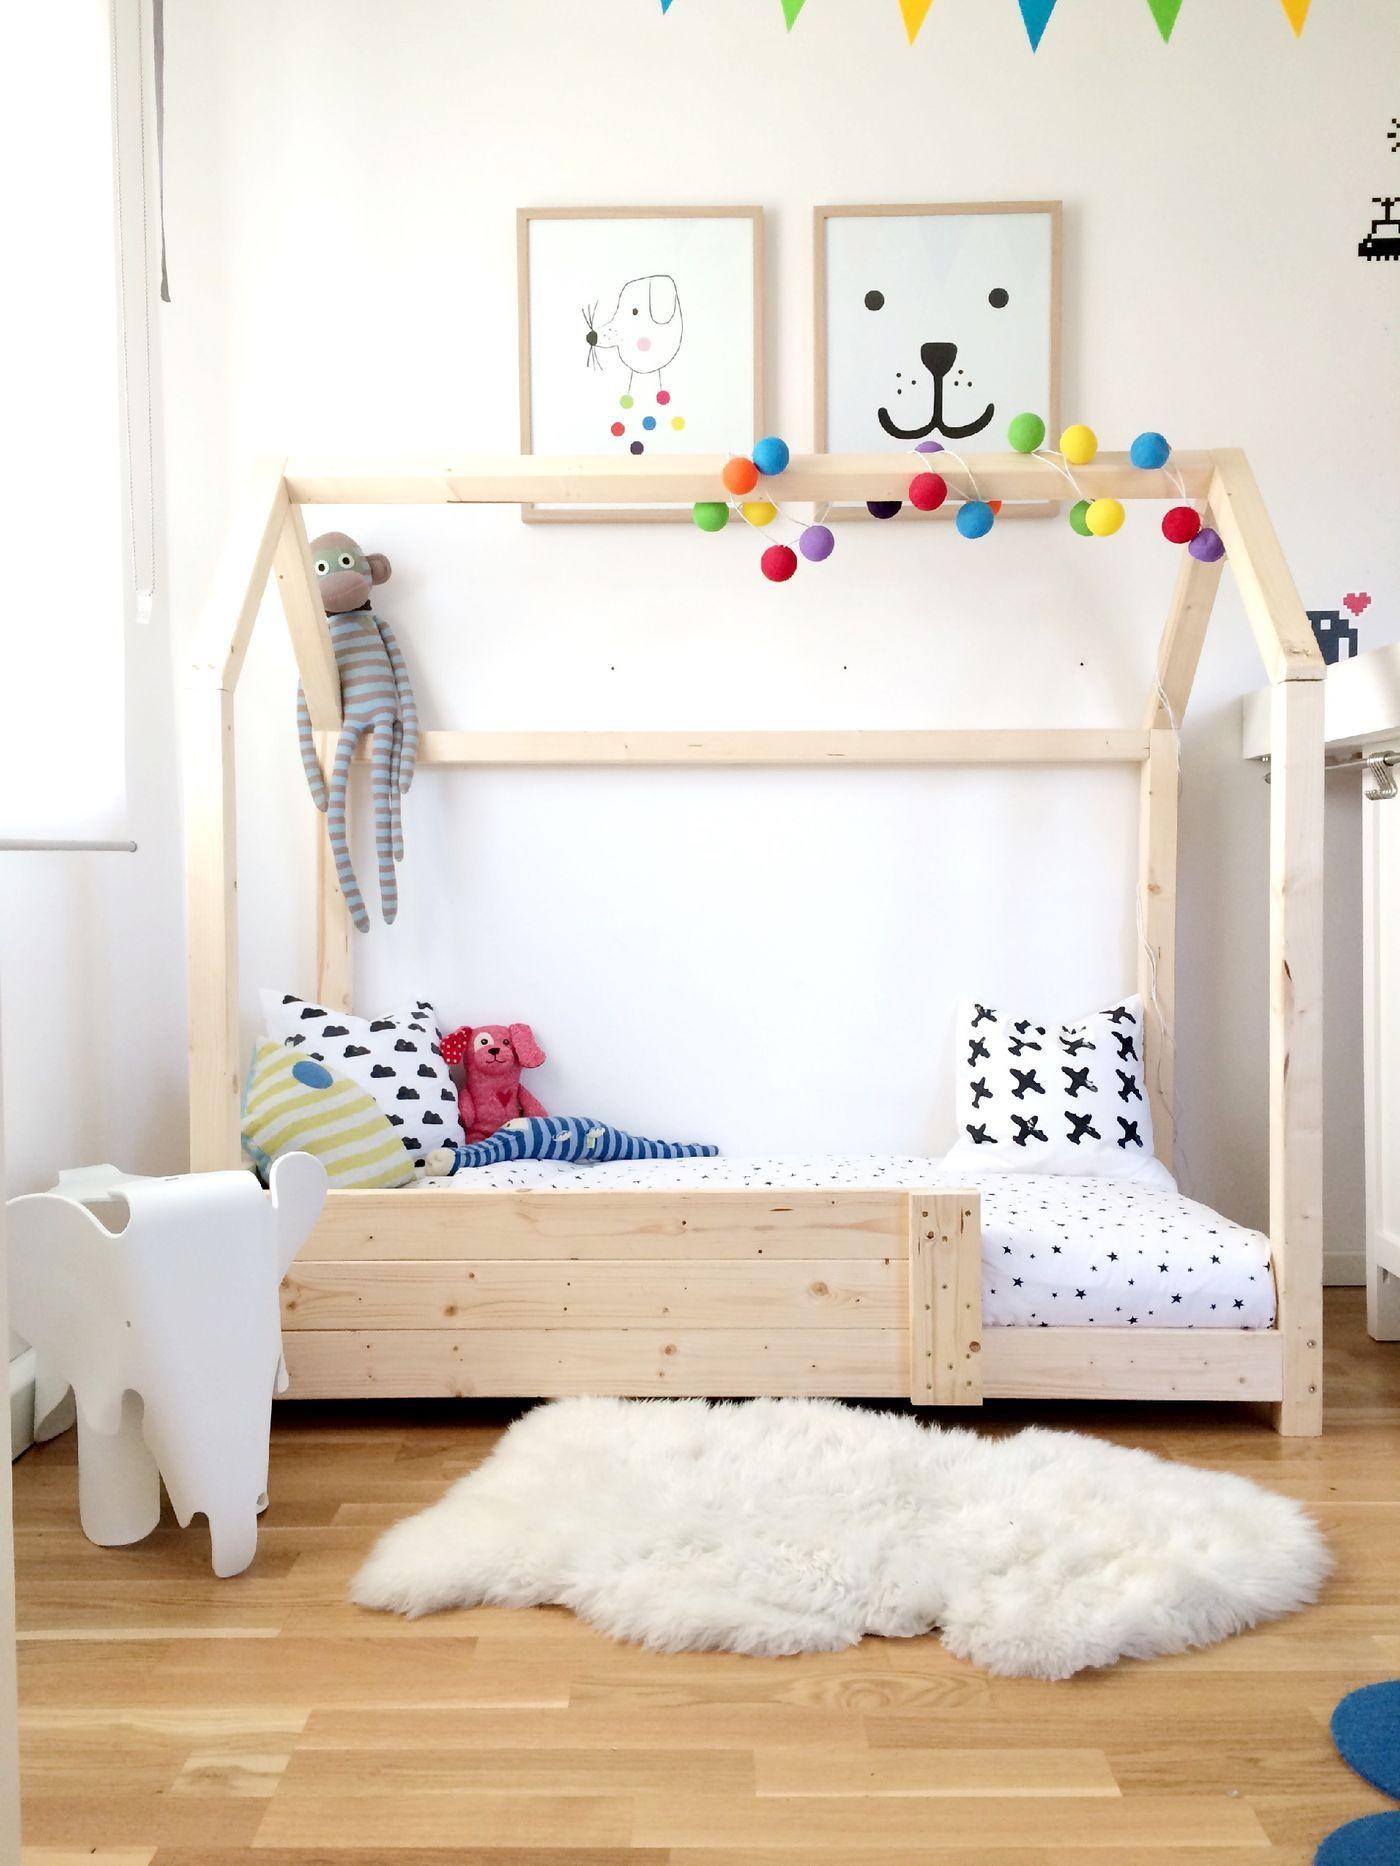 Full Size of Kinderzimmer Einrichtung Regal Regale Weiß Sofa Kinderzimmer Kinderzimmer Einrichtung